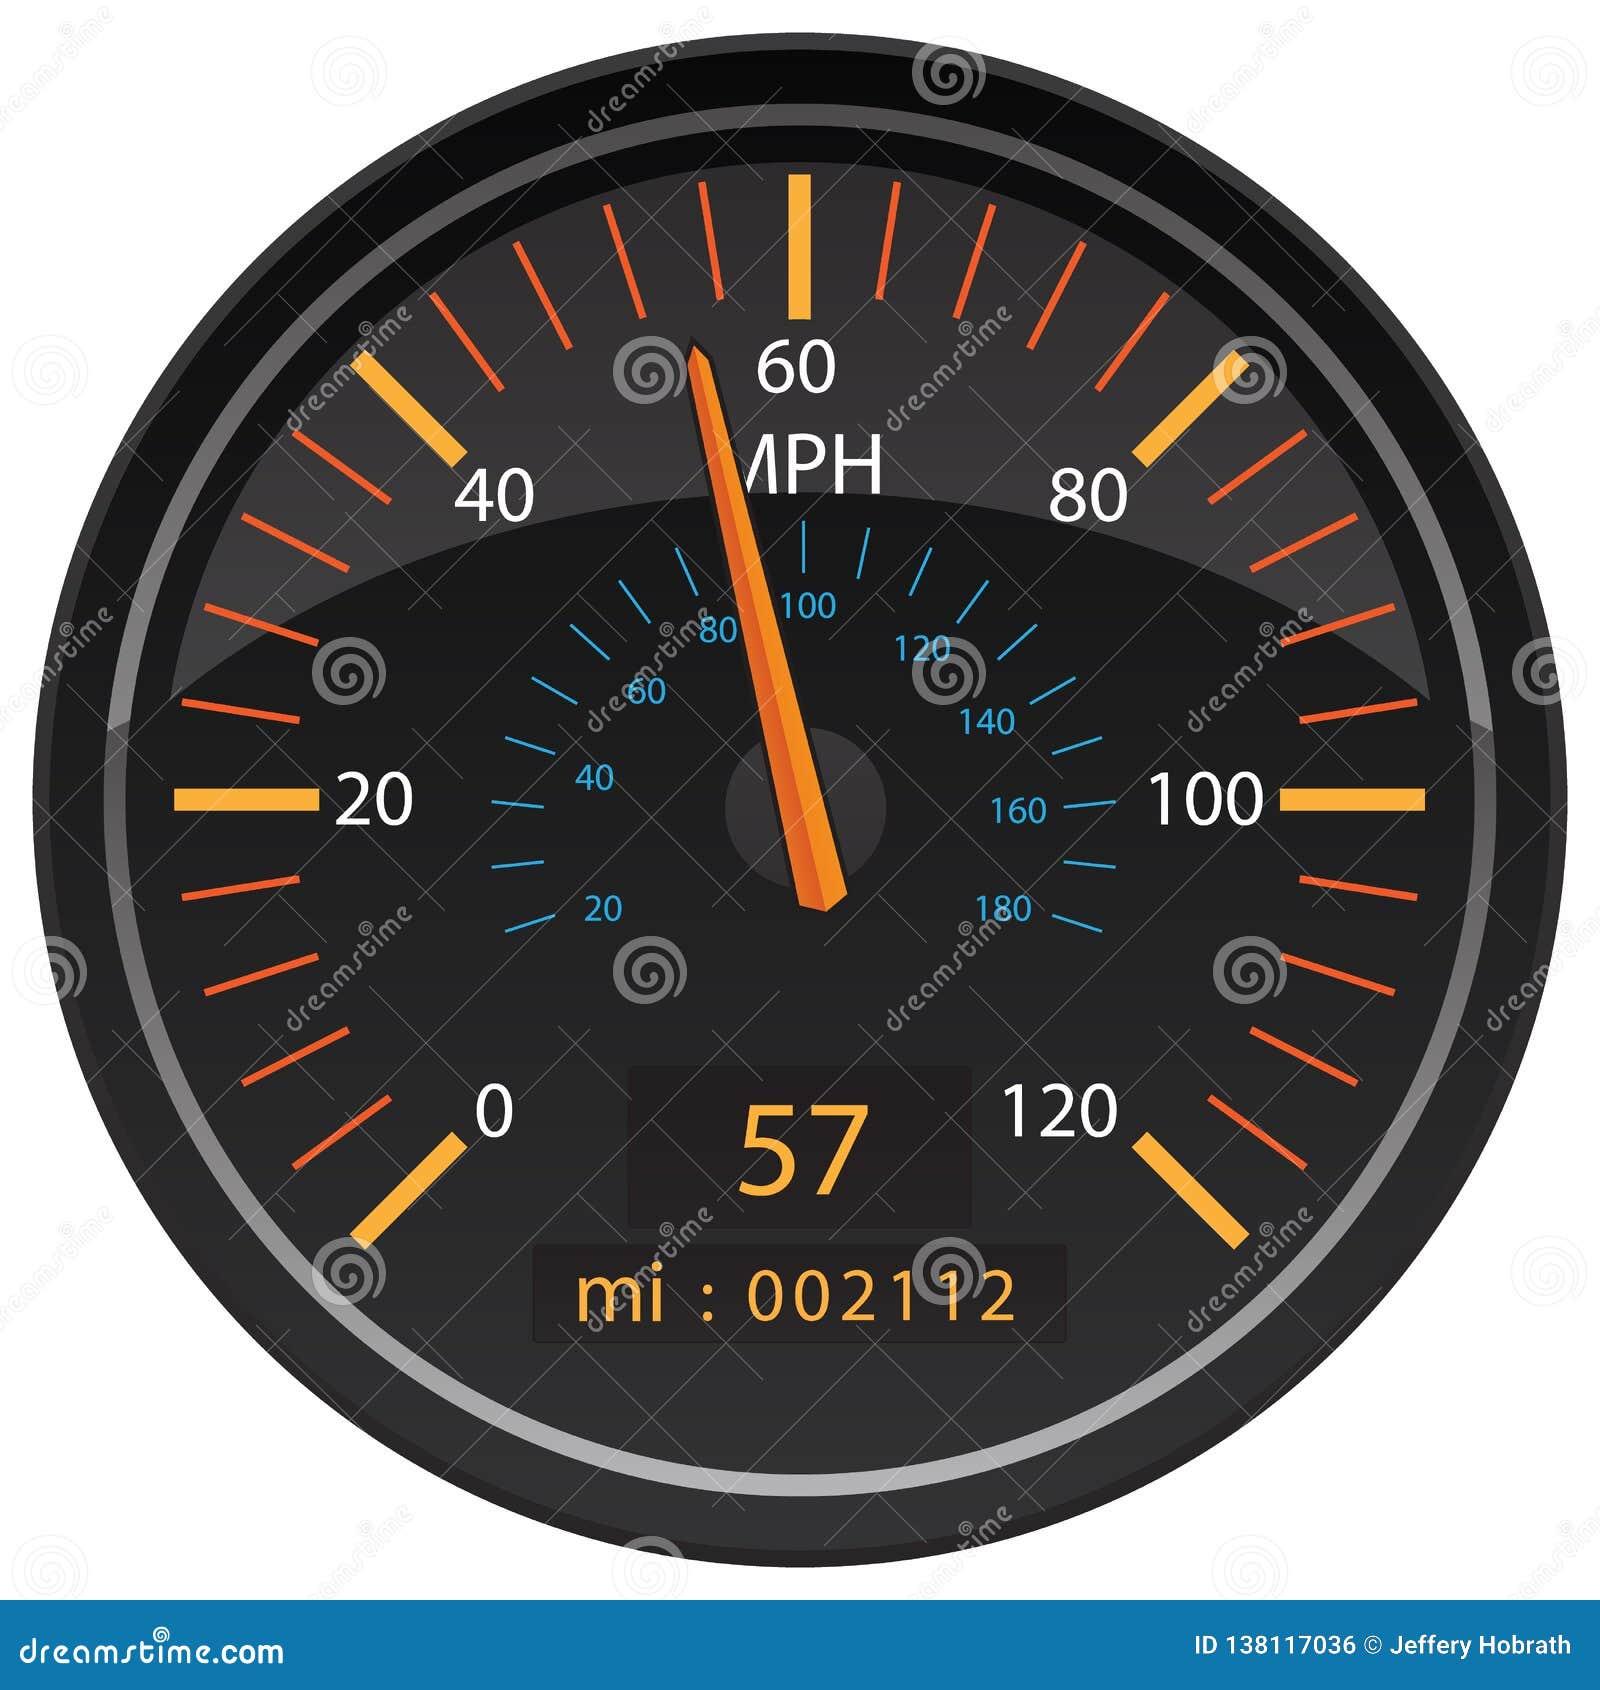 MPH μιλιών ανά ώρα ταχυμέτρων διανυσματική απεικόνιση μετρητών ταμπλό οδομέτρων αυτοκίνητη